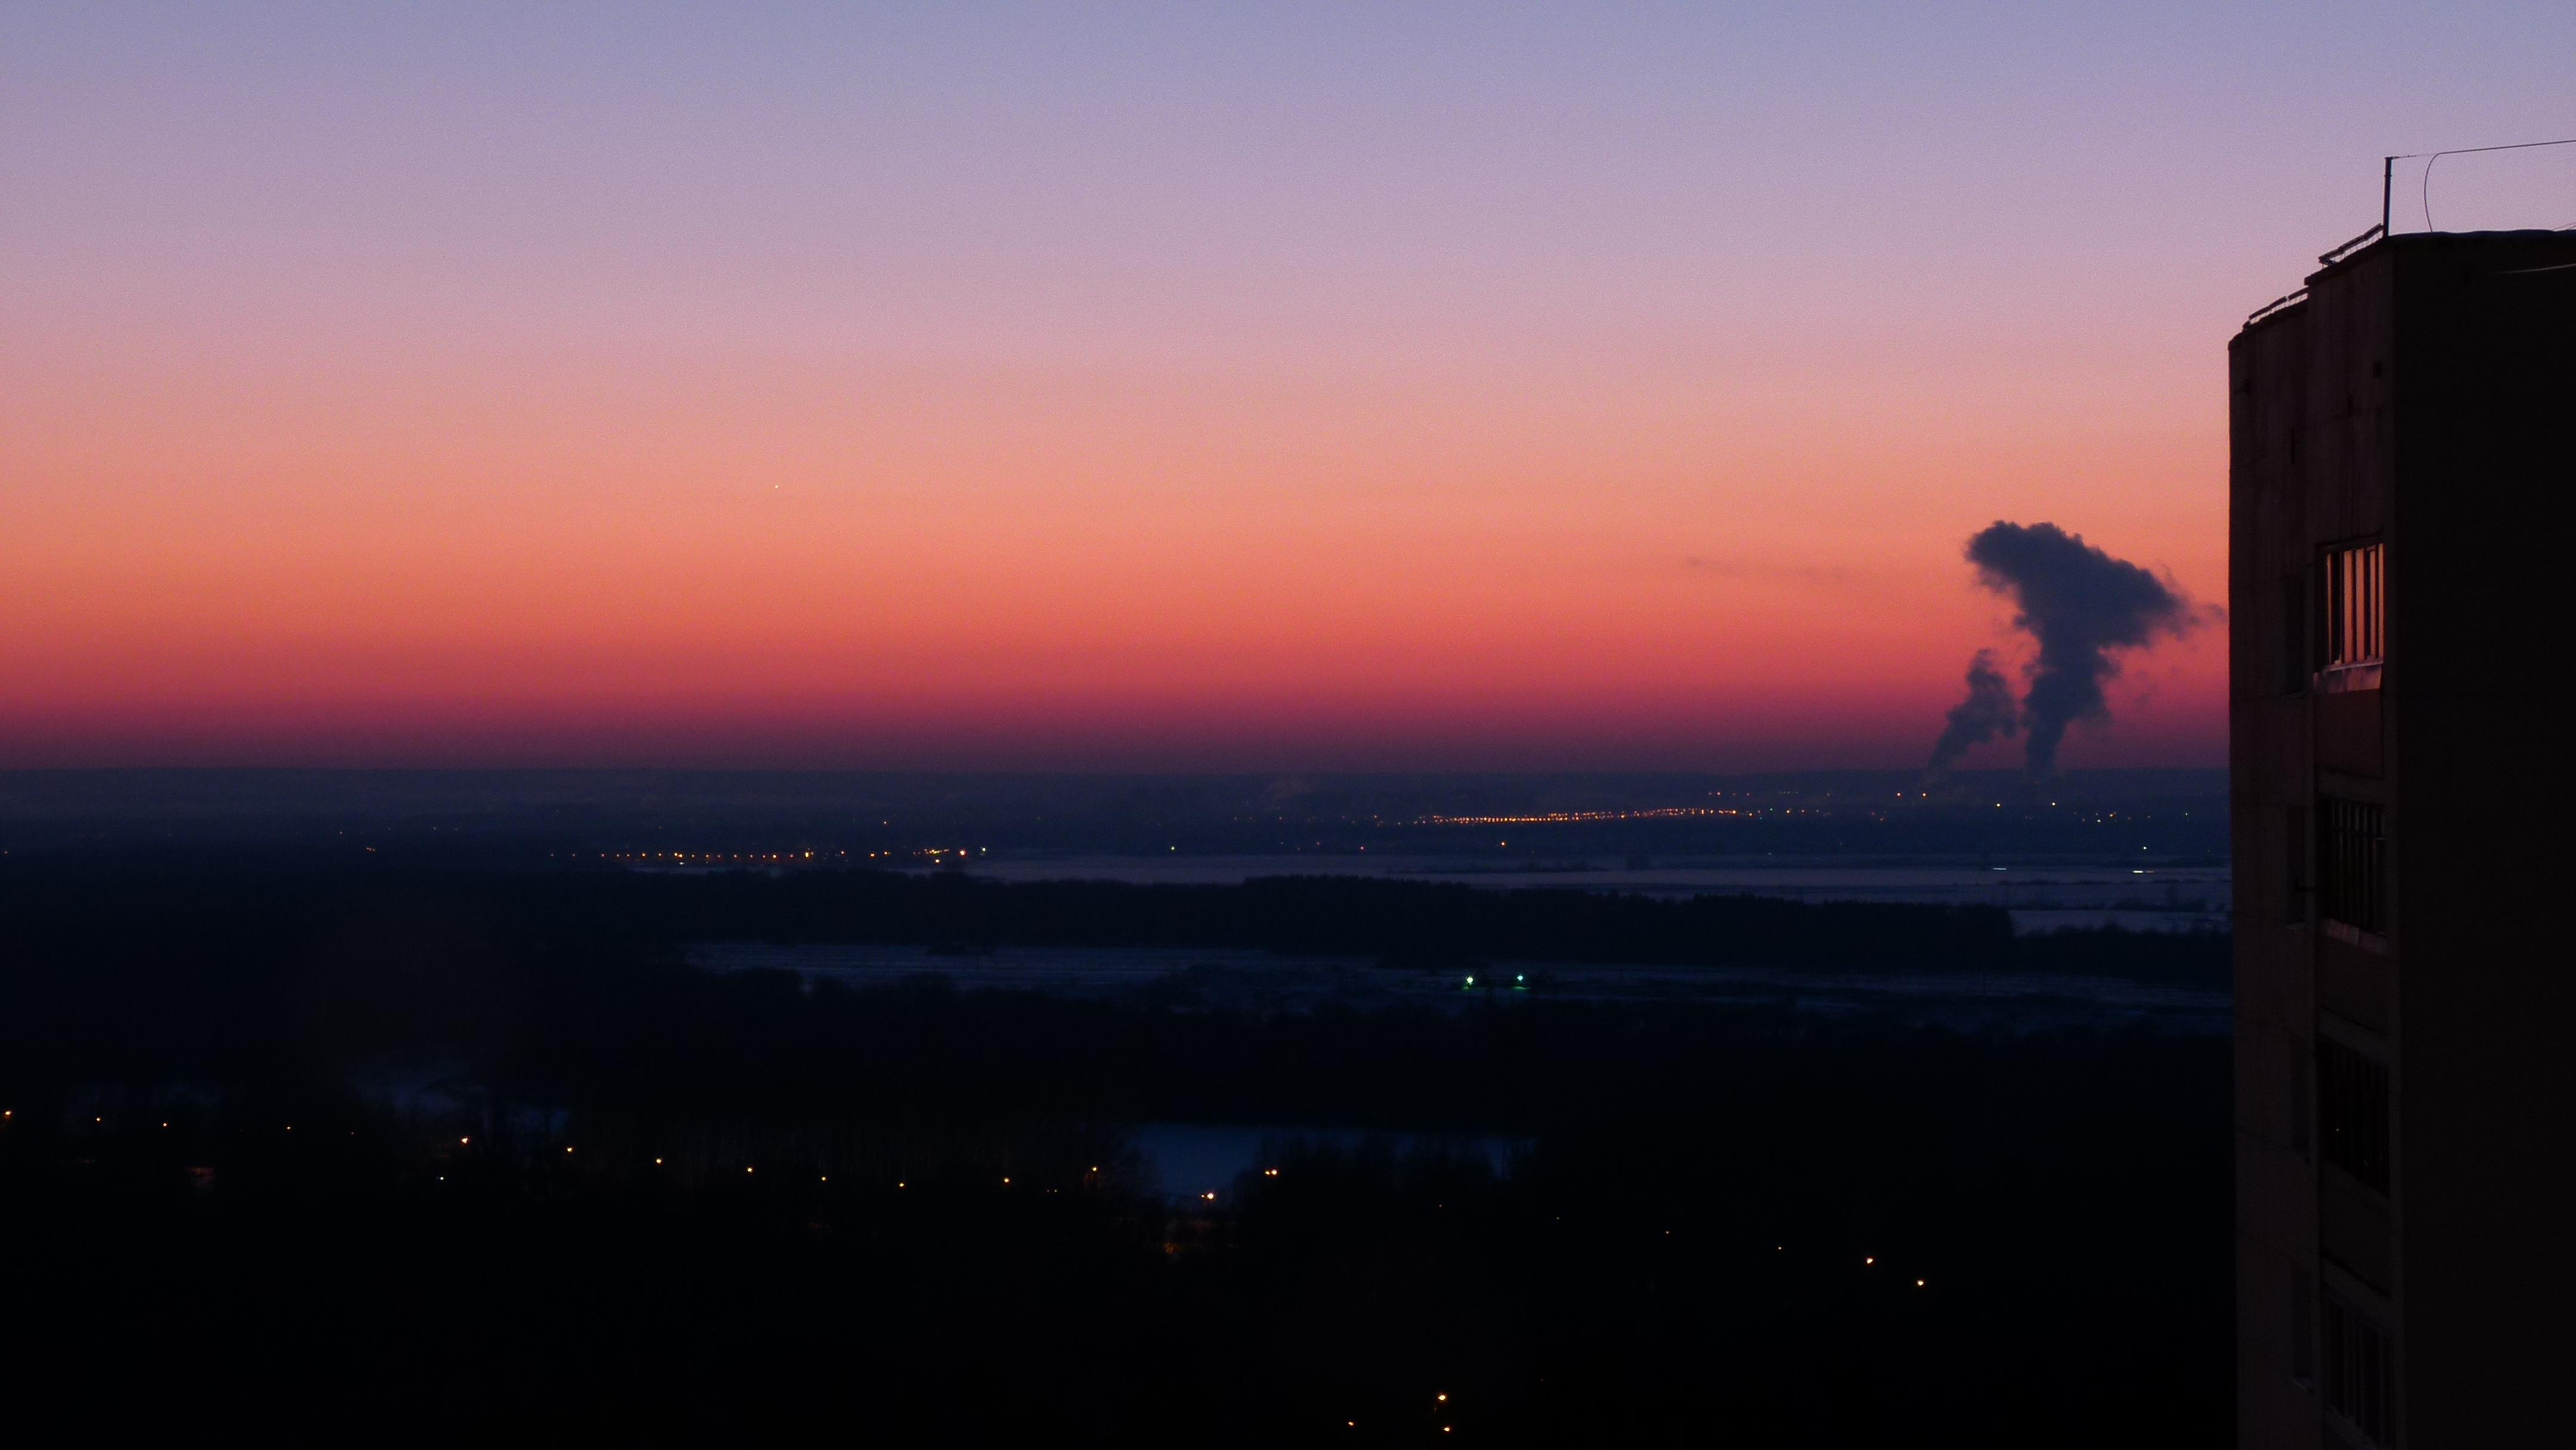 Ufa sunset - Imgur